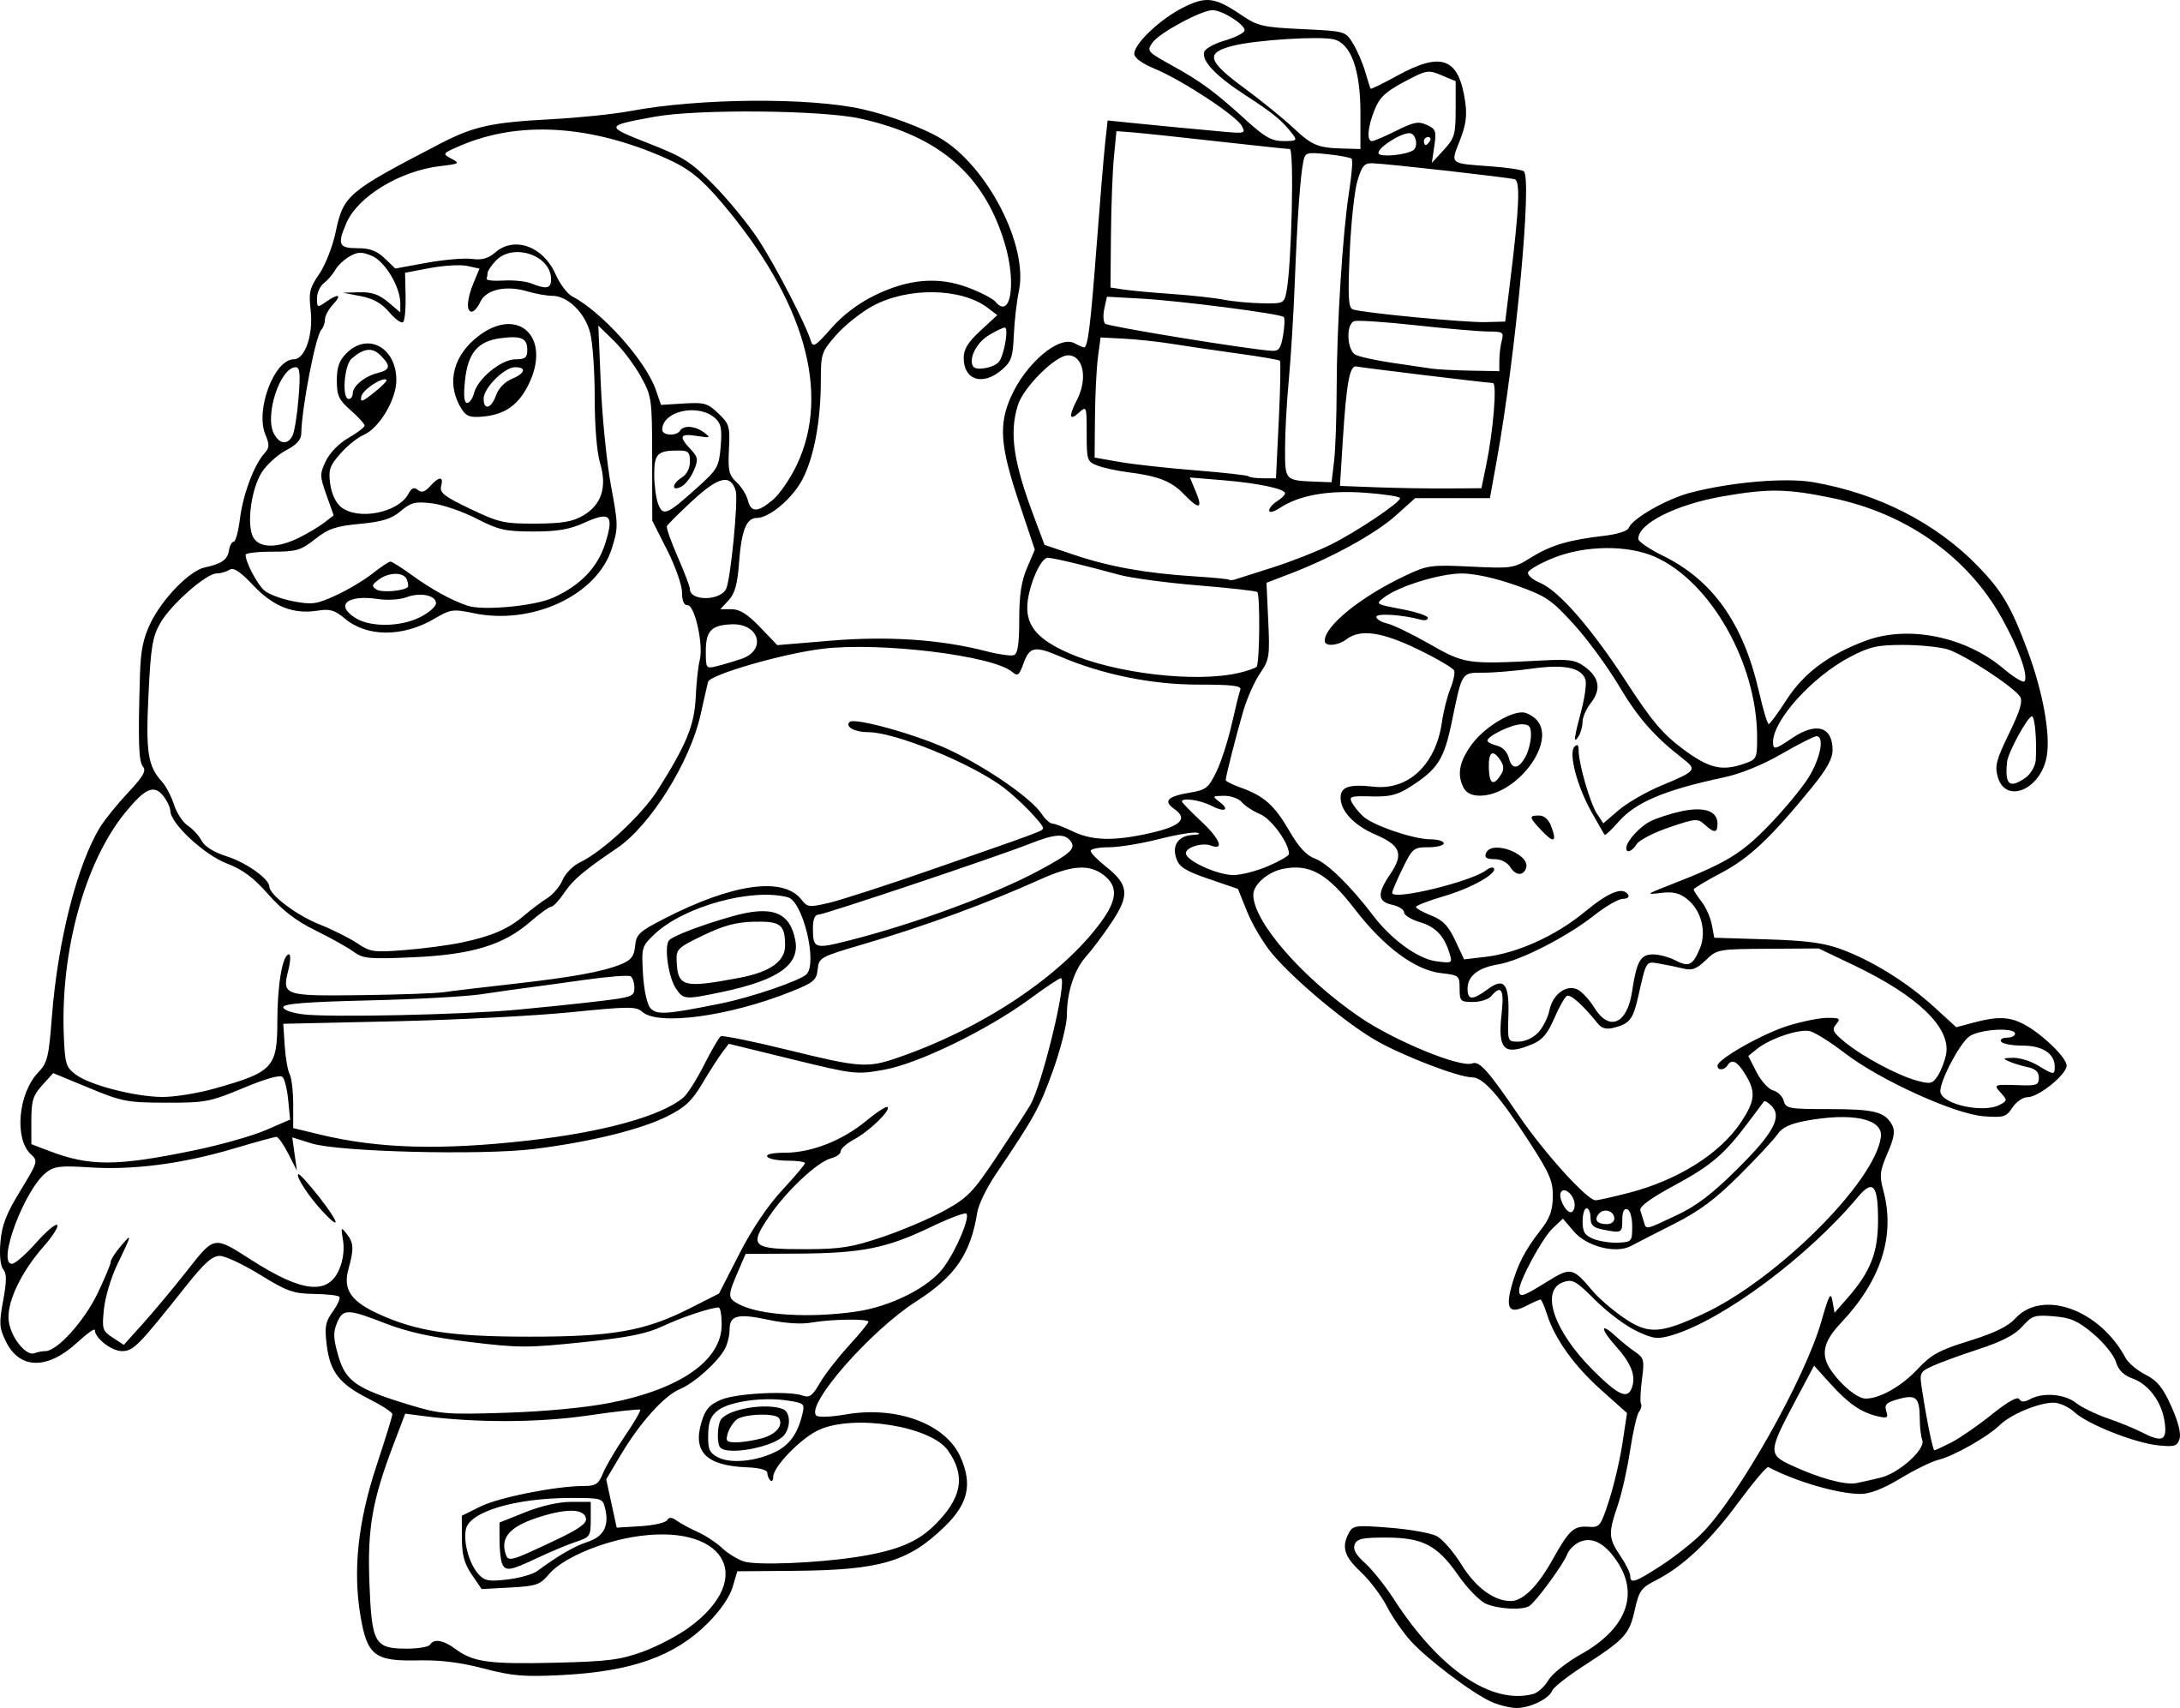 Coloriage Père Noel Et Lutin À Imprimer Sur Coloriages destiné Dessins Pere Noel Imprimer